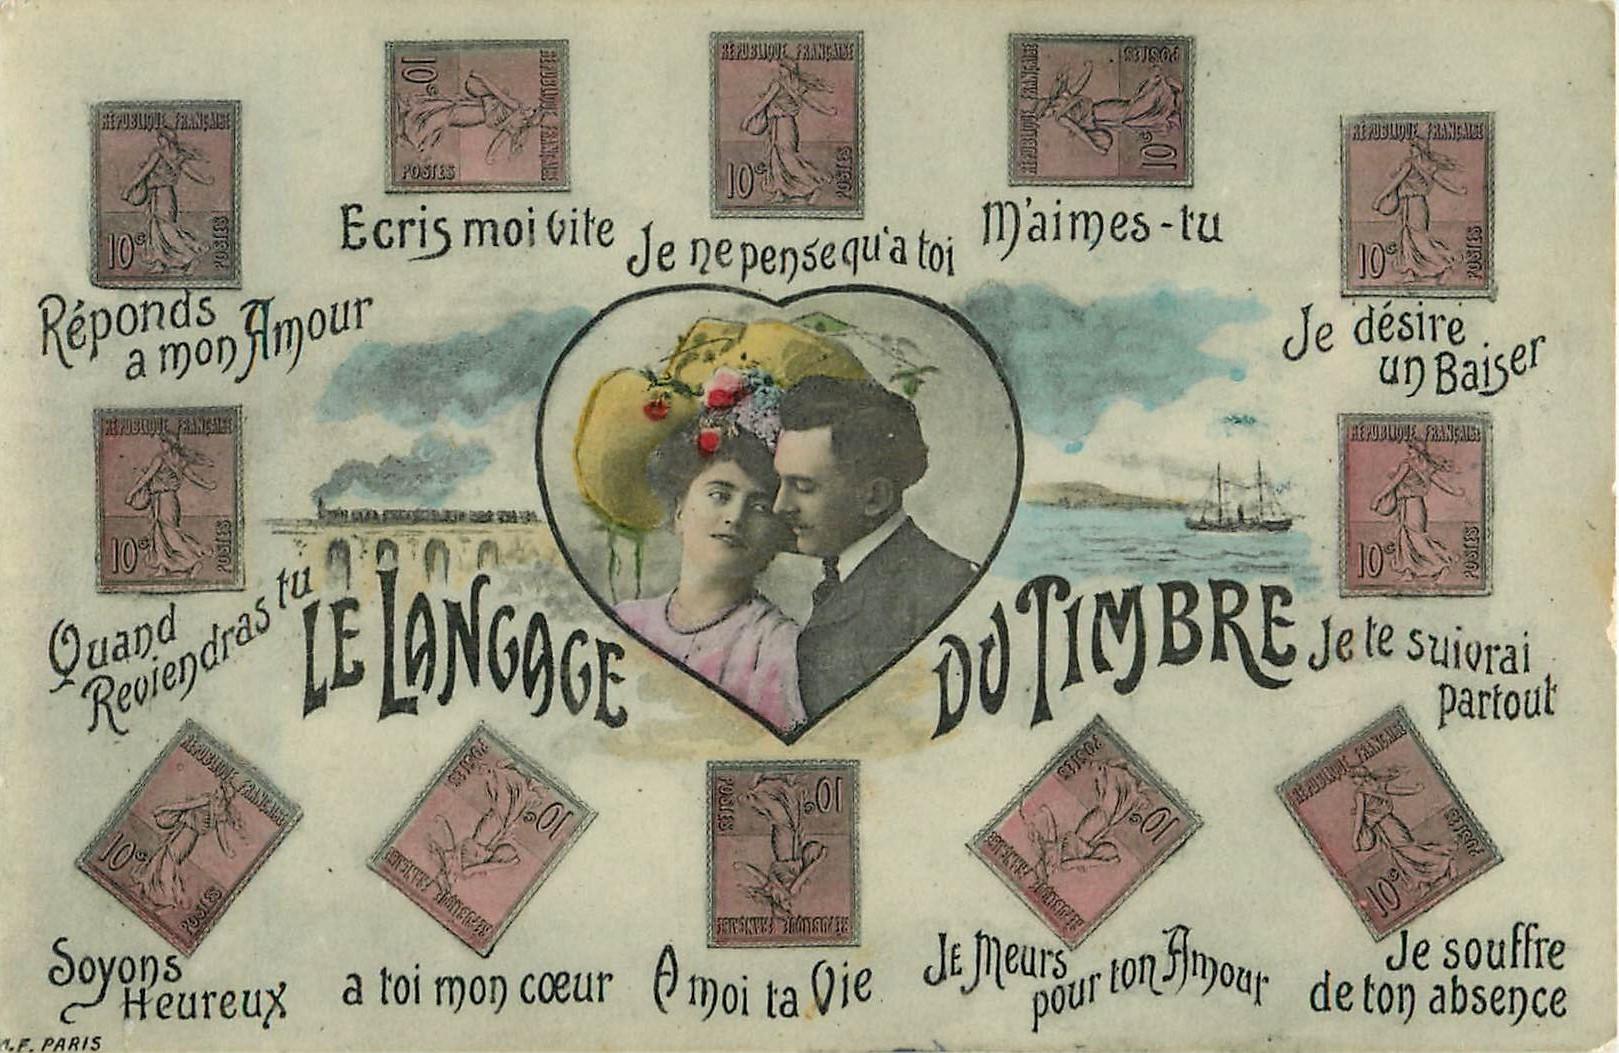 FANTAISIE. Le Langage du Timbre en Amour 1908